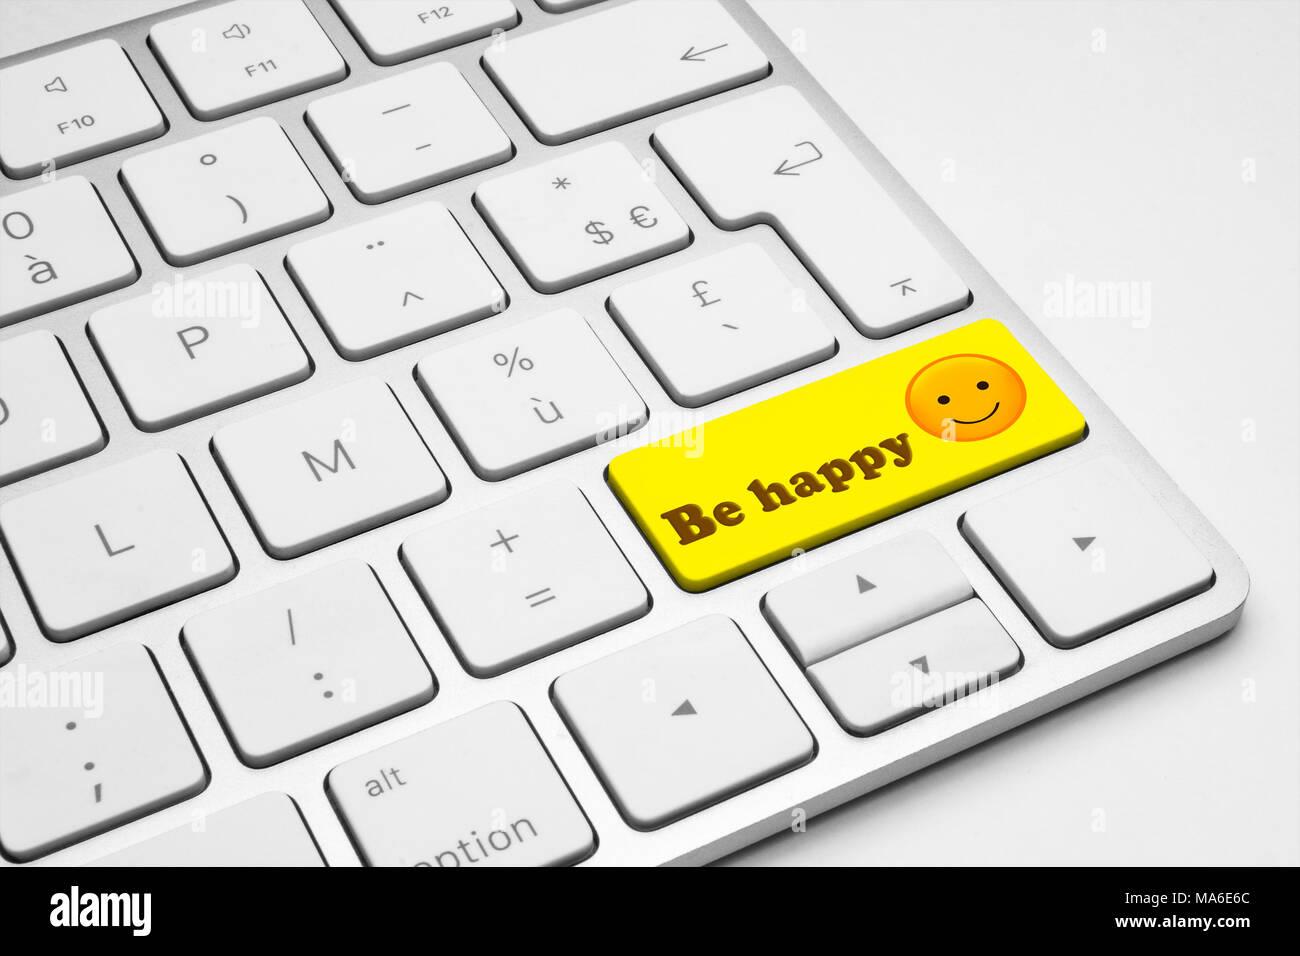 Emoticon Smiley Face Yellow Web Stock Photos Emoticon Smiley Face